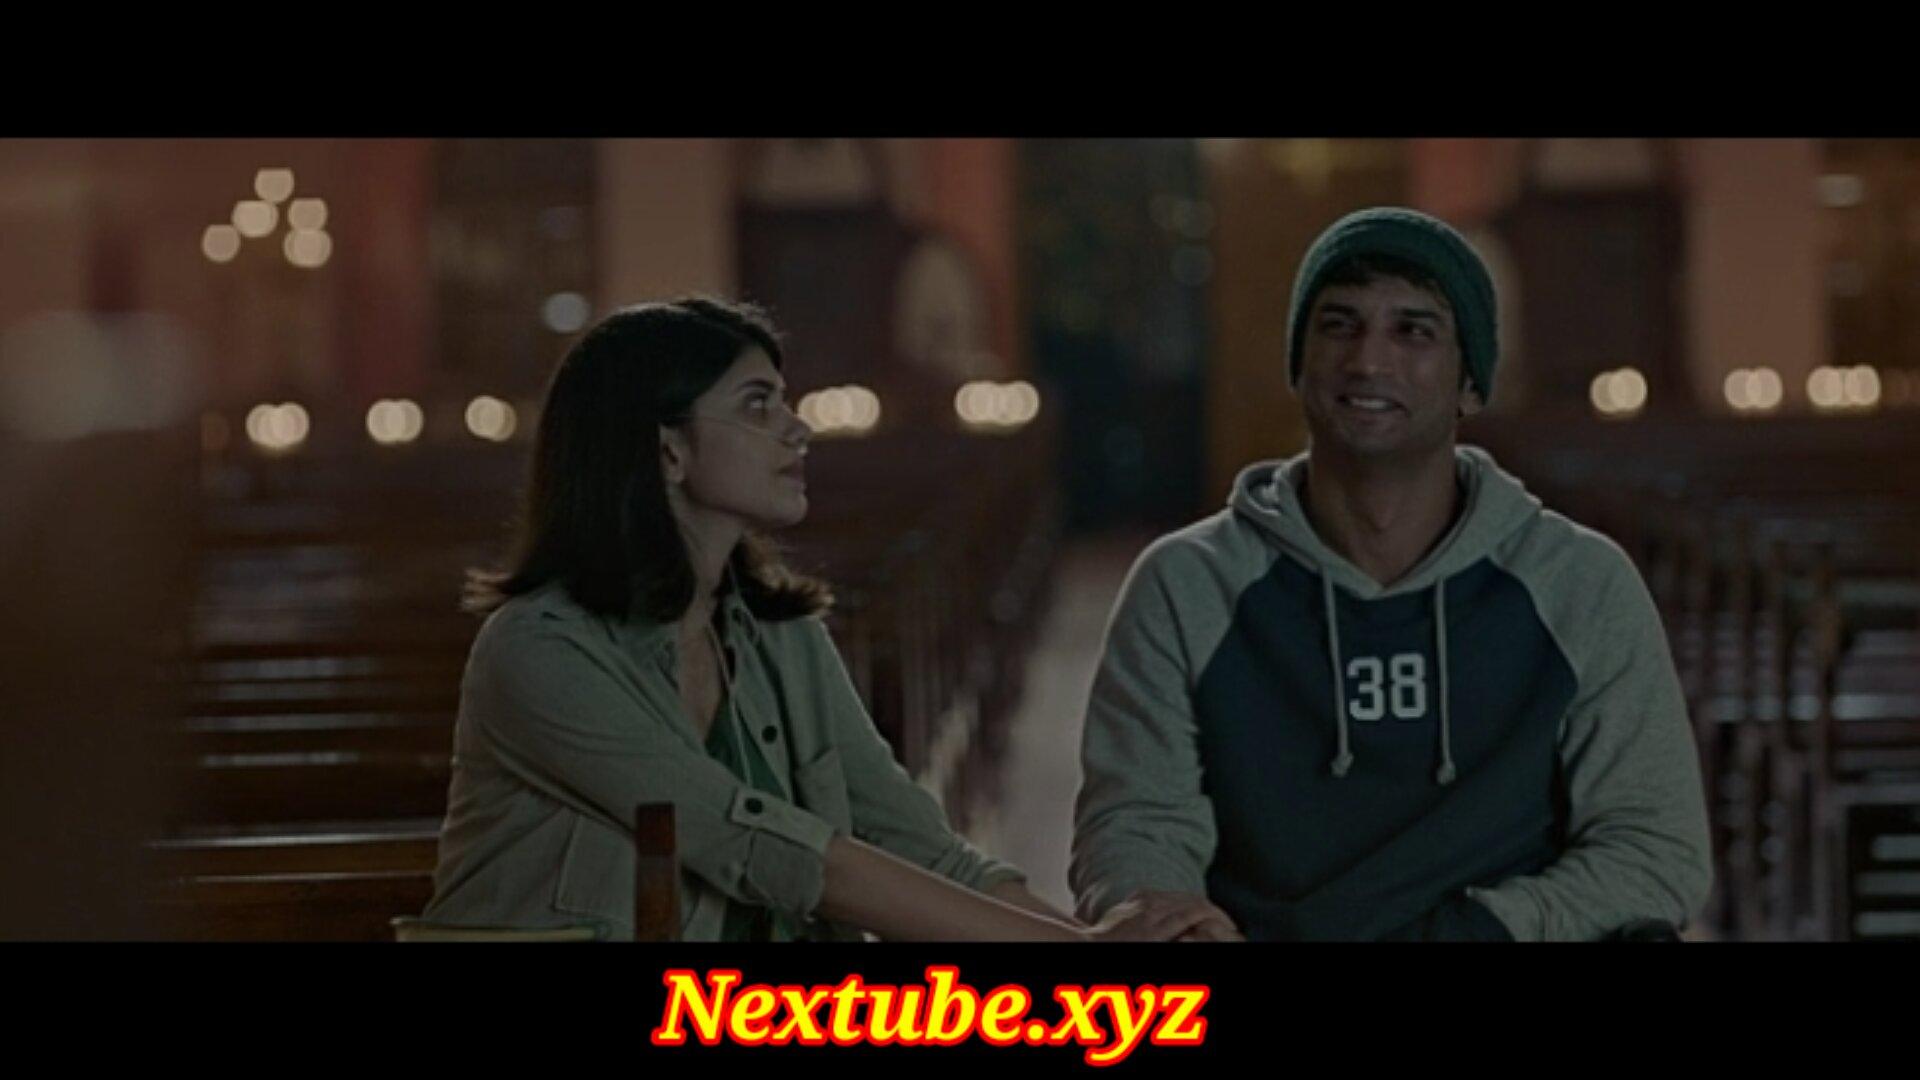 www.nextube.xyz